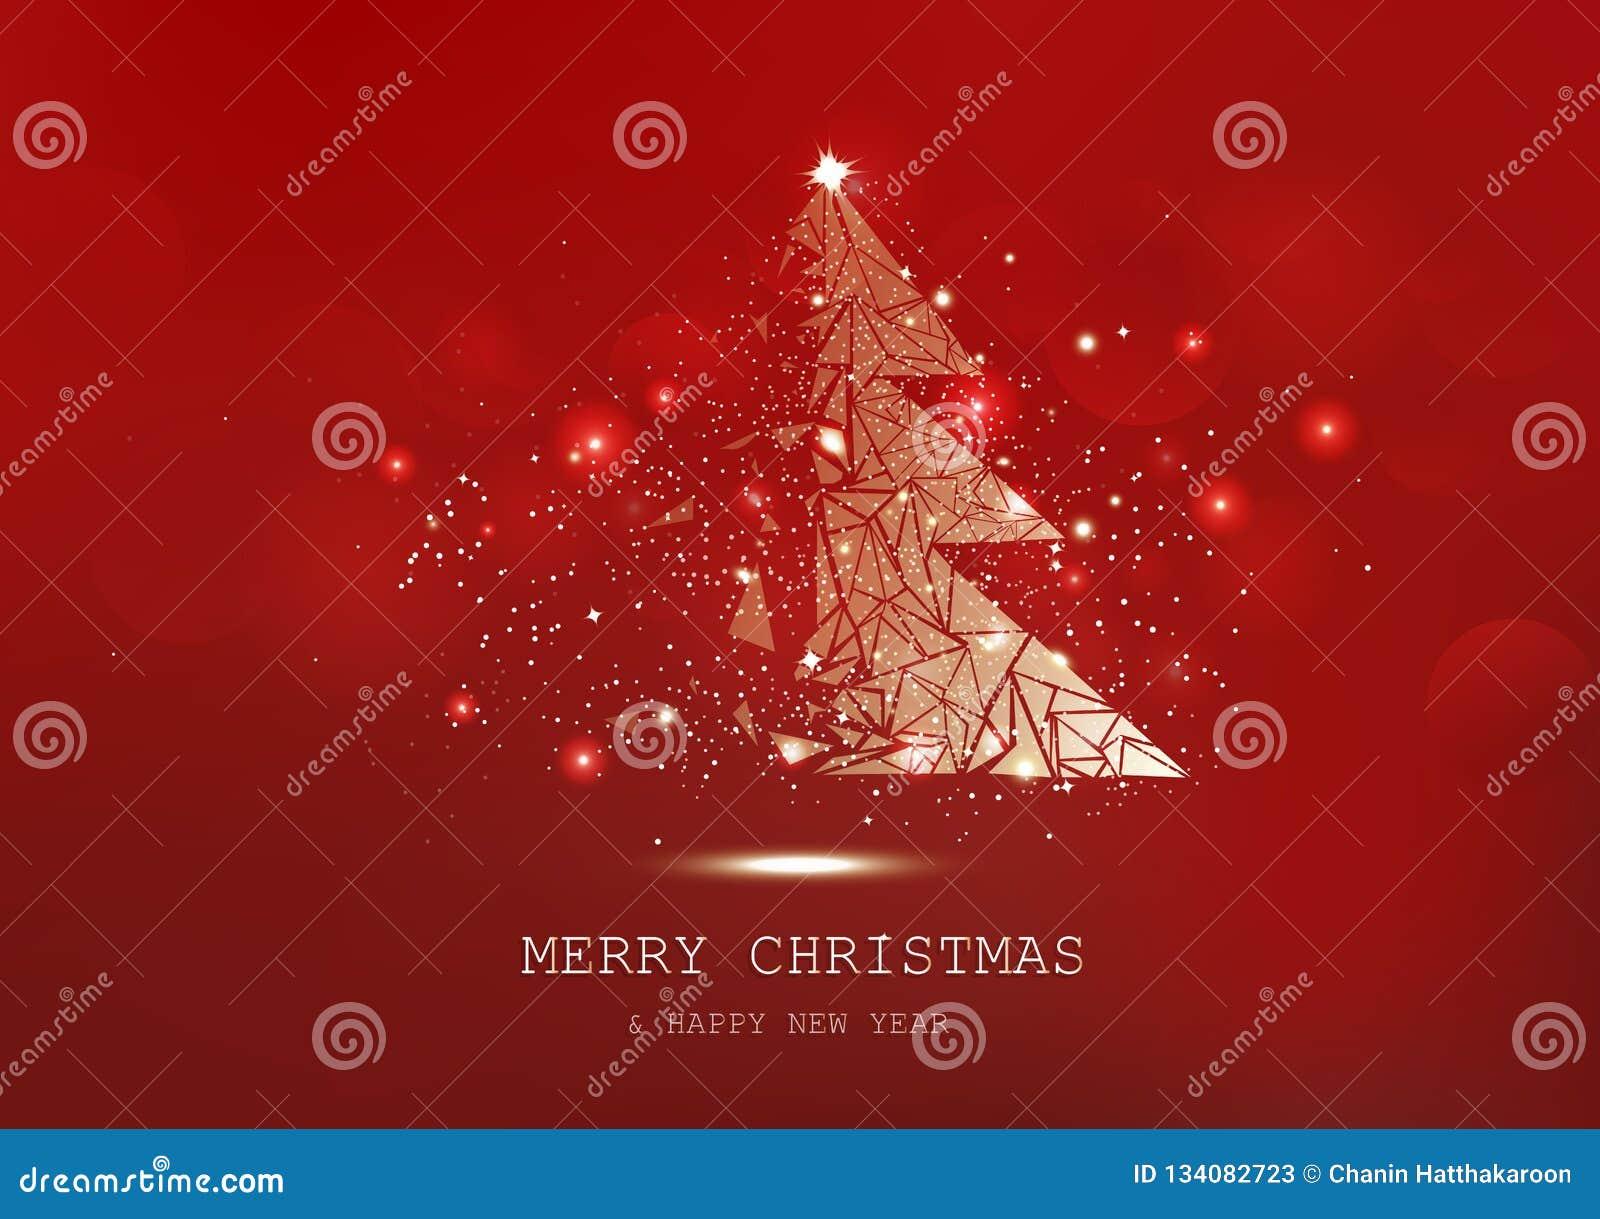 圣诞快乐,树多角形,五彩纸屑,金黄发光的微粒驱散,海报,明信片红色豪华背景季节性假日